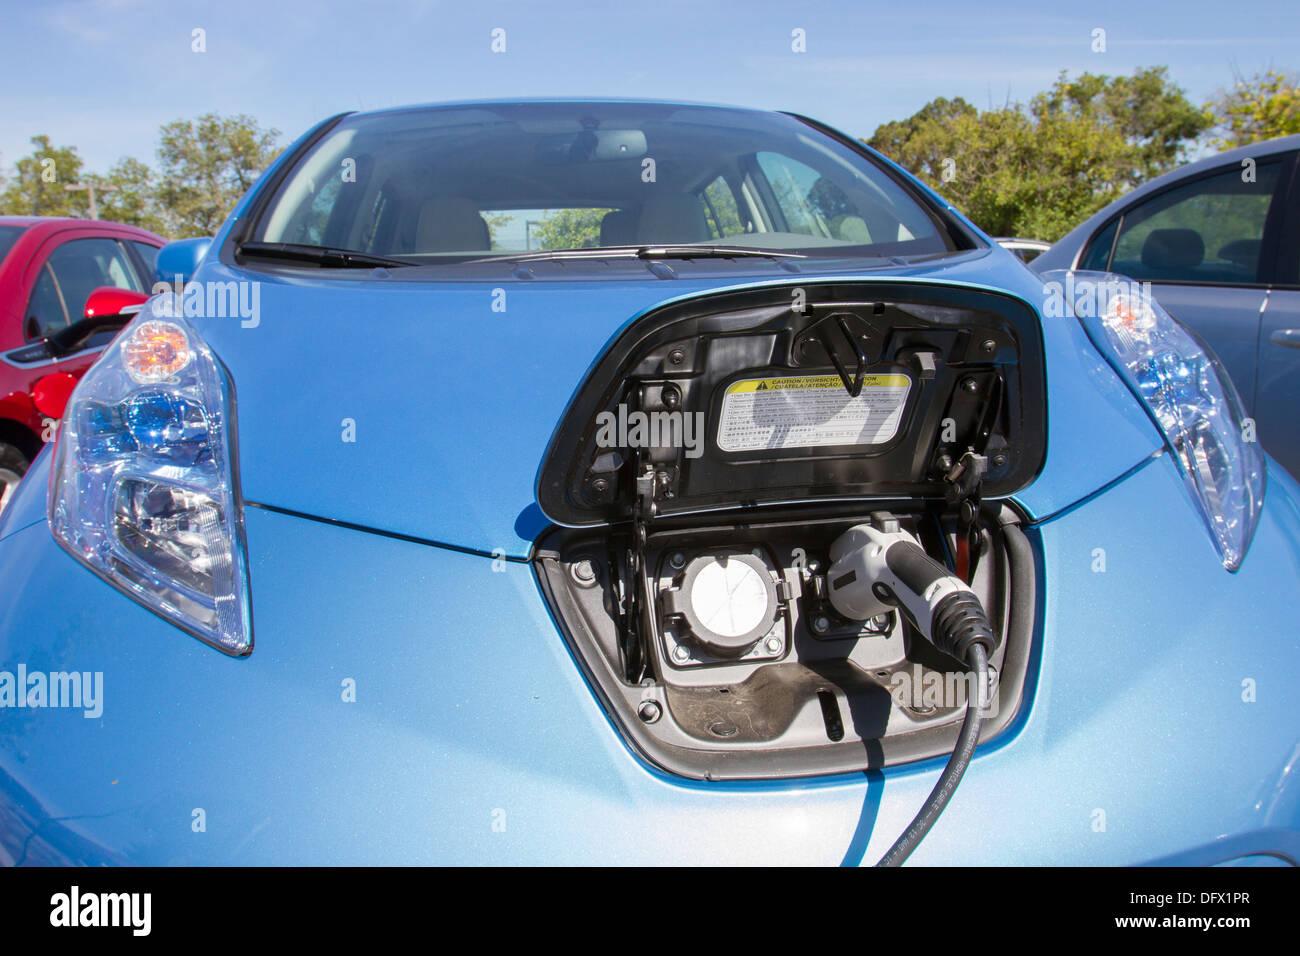 Azul coche eléctrico plug-in con el conector enchufado en una estación de carga para cargar su batería Imagen De Stock